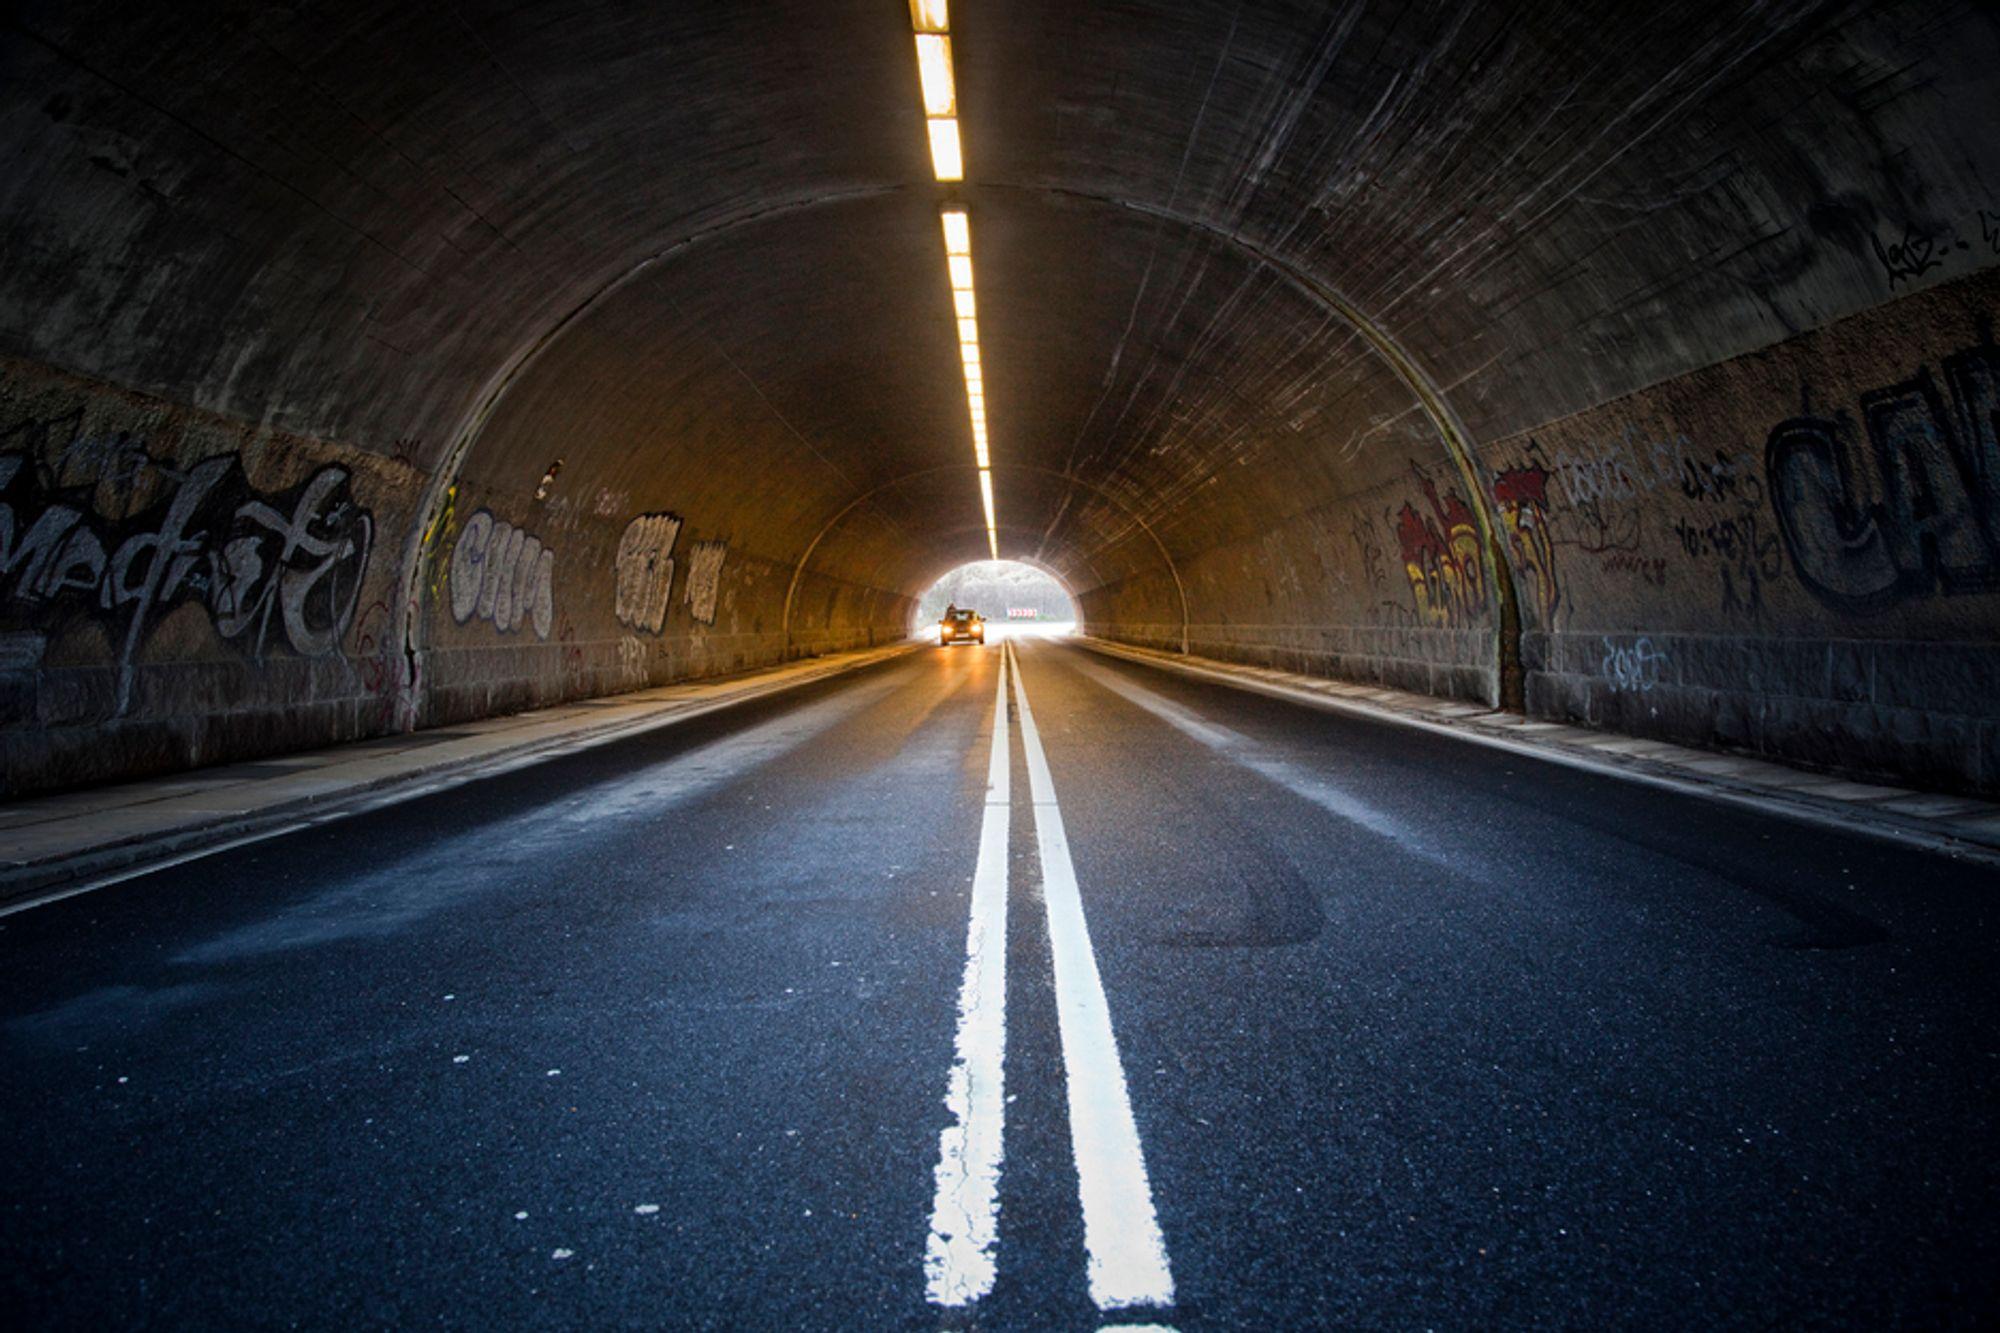 Oppgraderingsbehovet i norske tunneler beløper seg sannsynligvis til nesten 7 milliarder kroner.